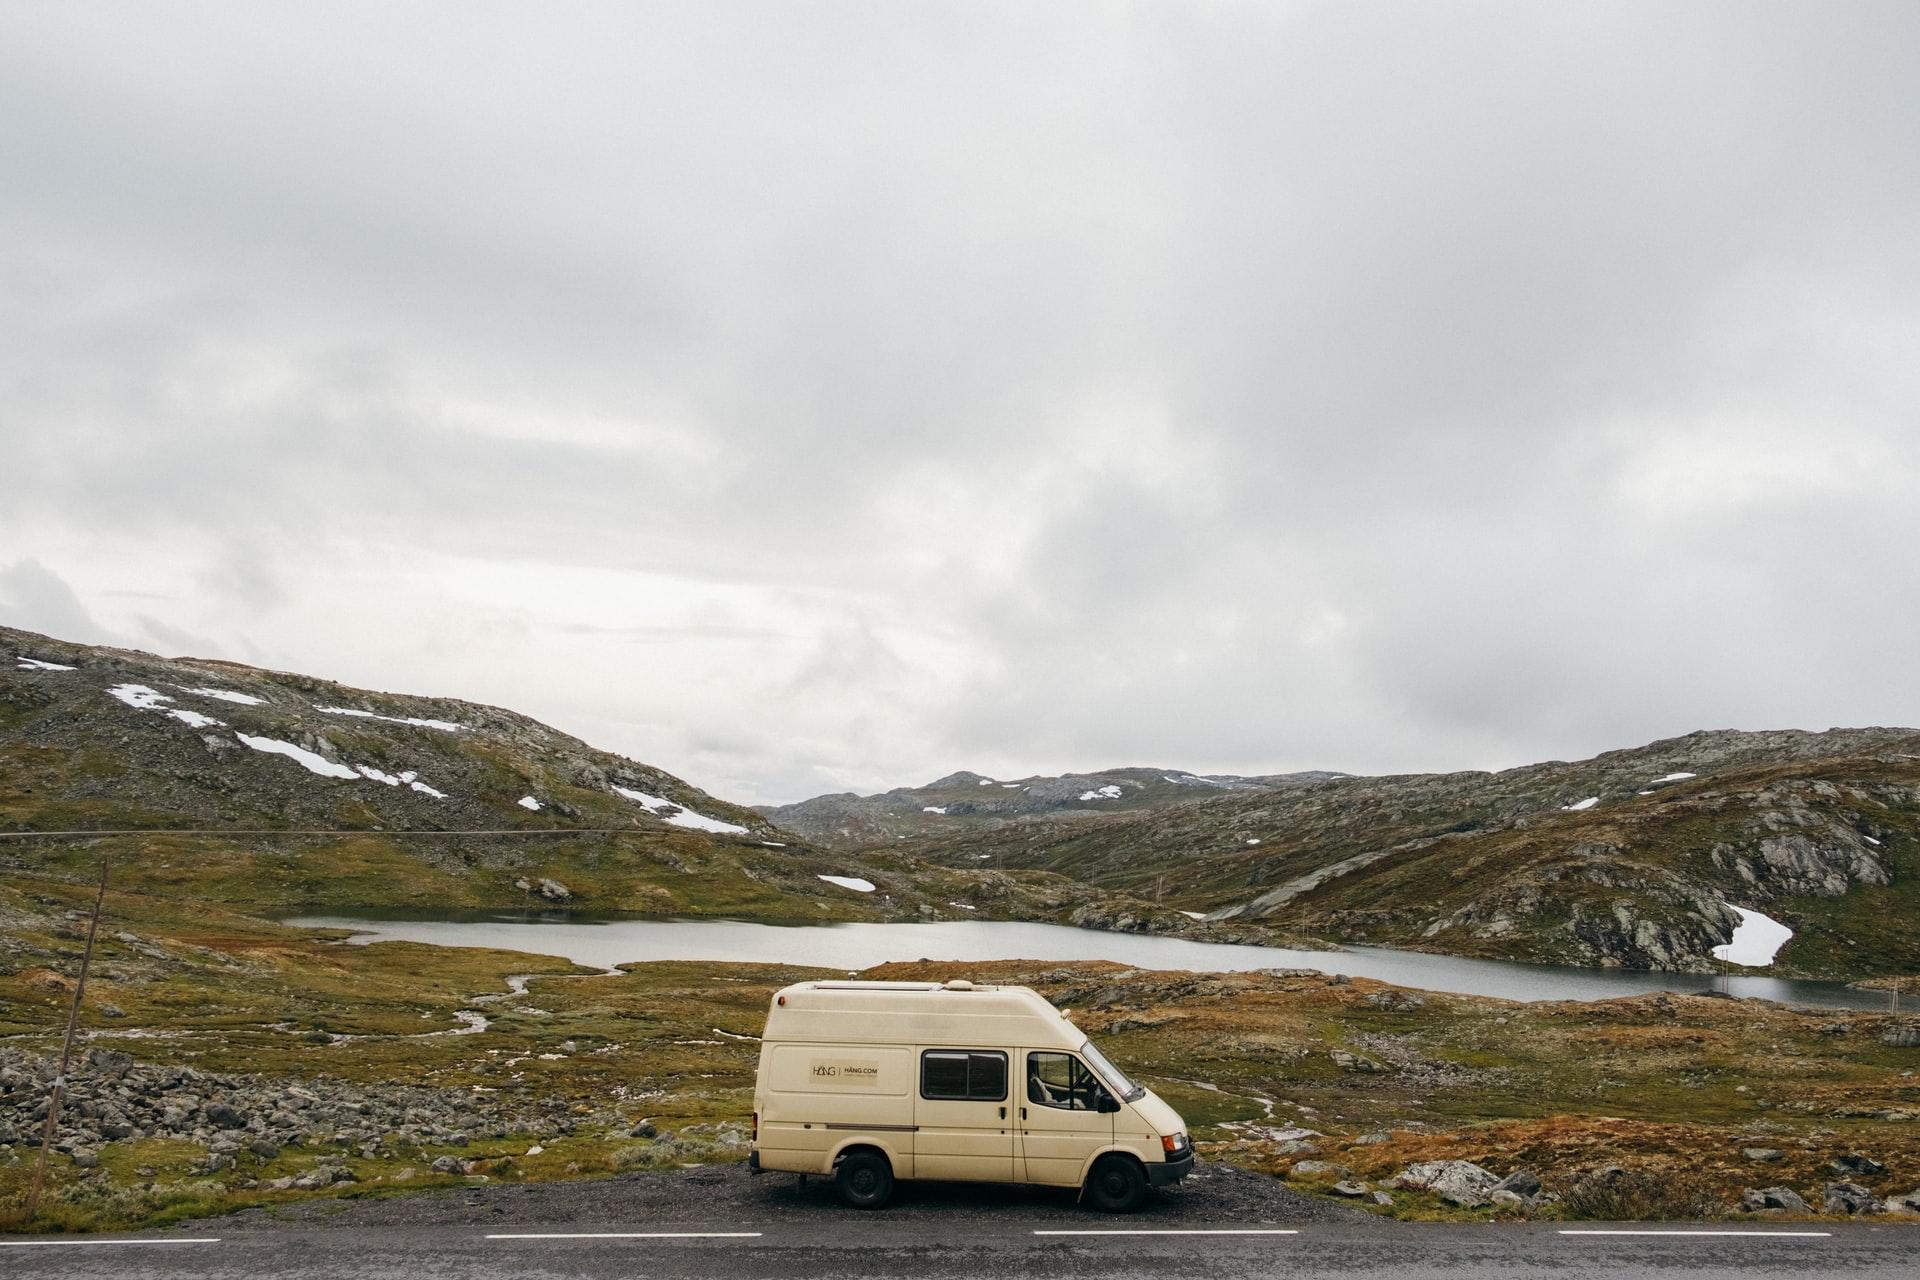 Touring Europe in a motorhome  (photo: Tobias Tullius)